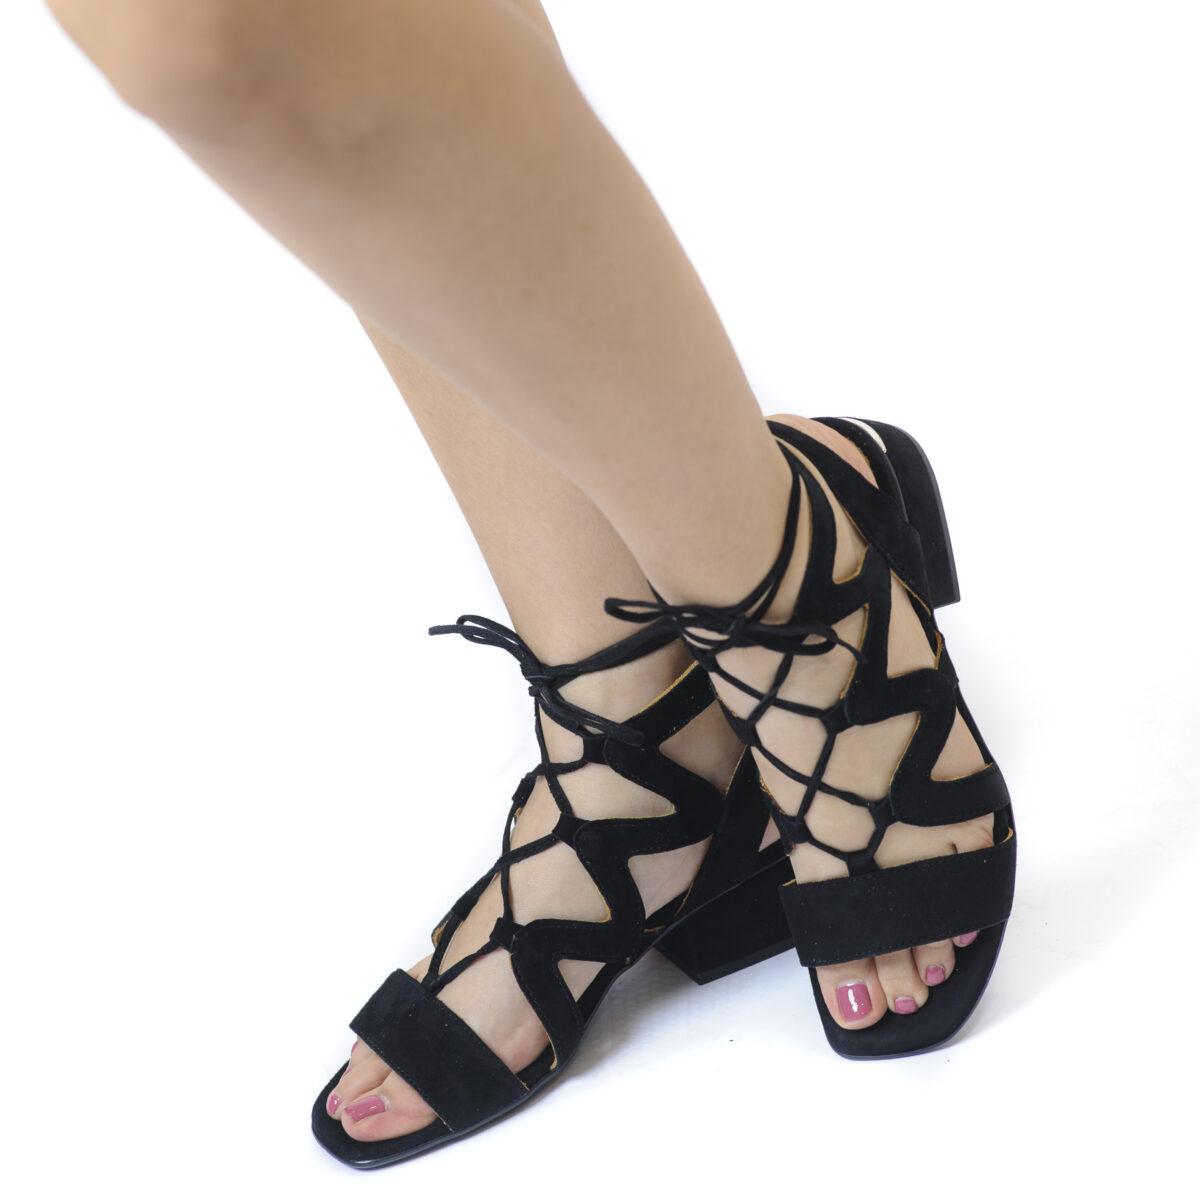 Γυναικεία Παπούτσια Γυναικείο Πέδιλο με Κορδόνια